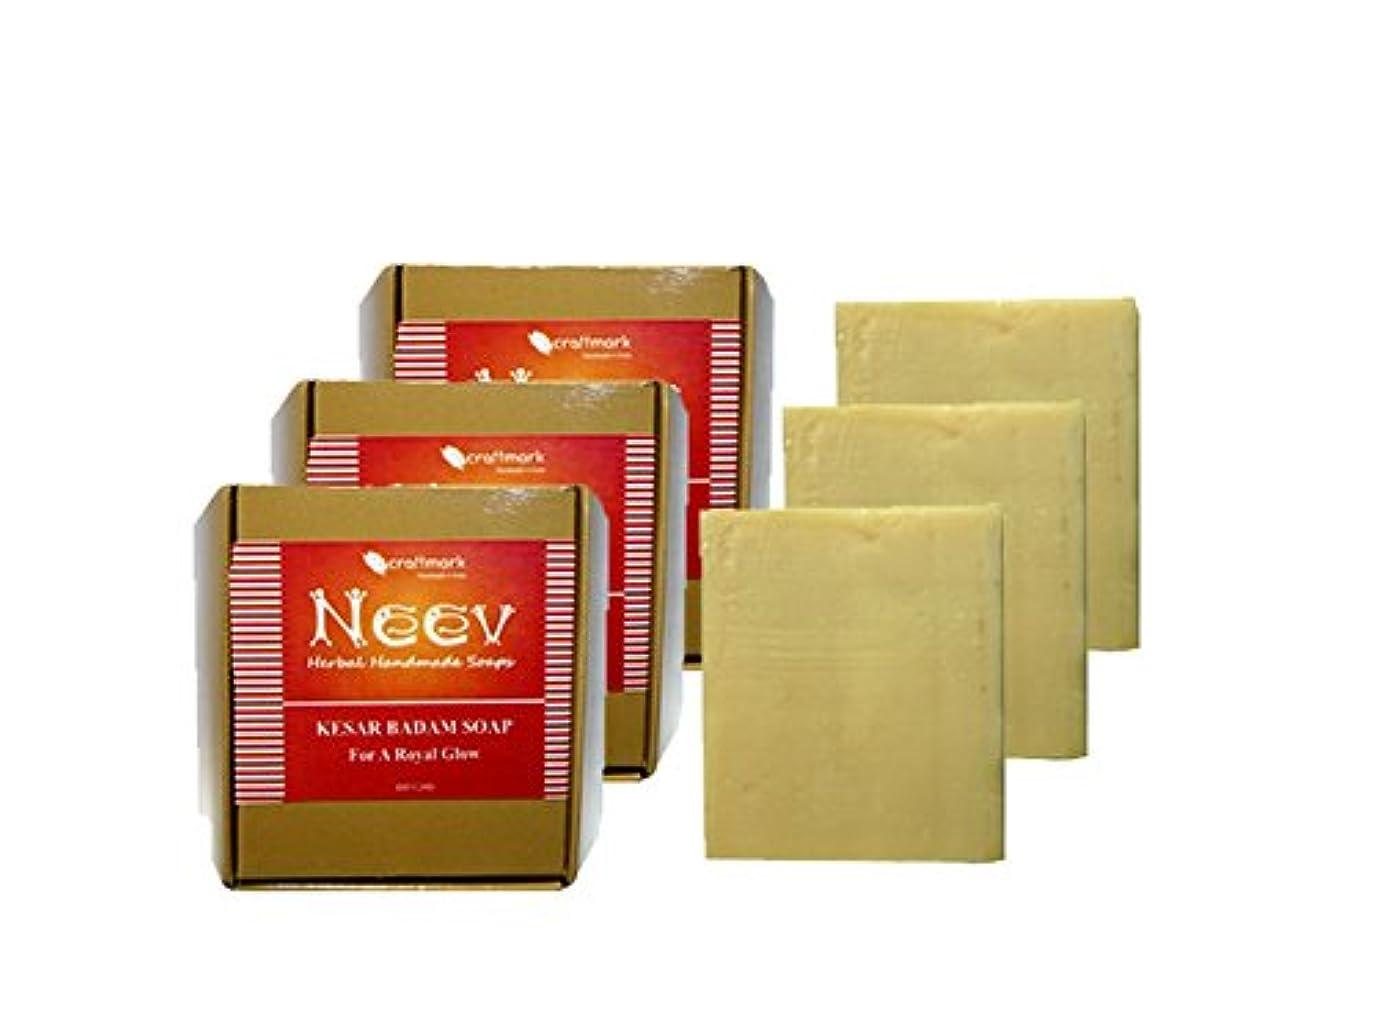 内側ベーコンギャング手作り ニーブ カサル バダム ソープ NEEV Herbal Kesar Badam SOAP For A Royal Glow 3個セット